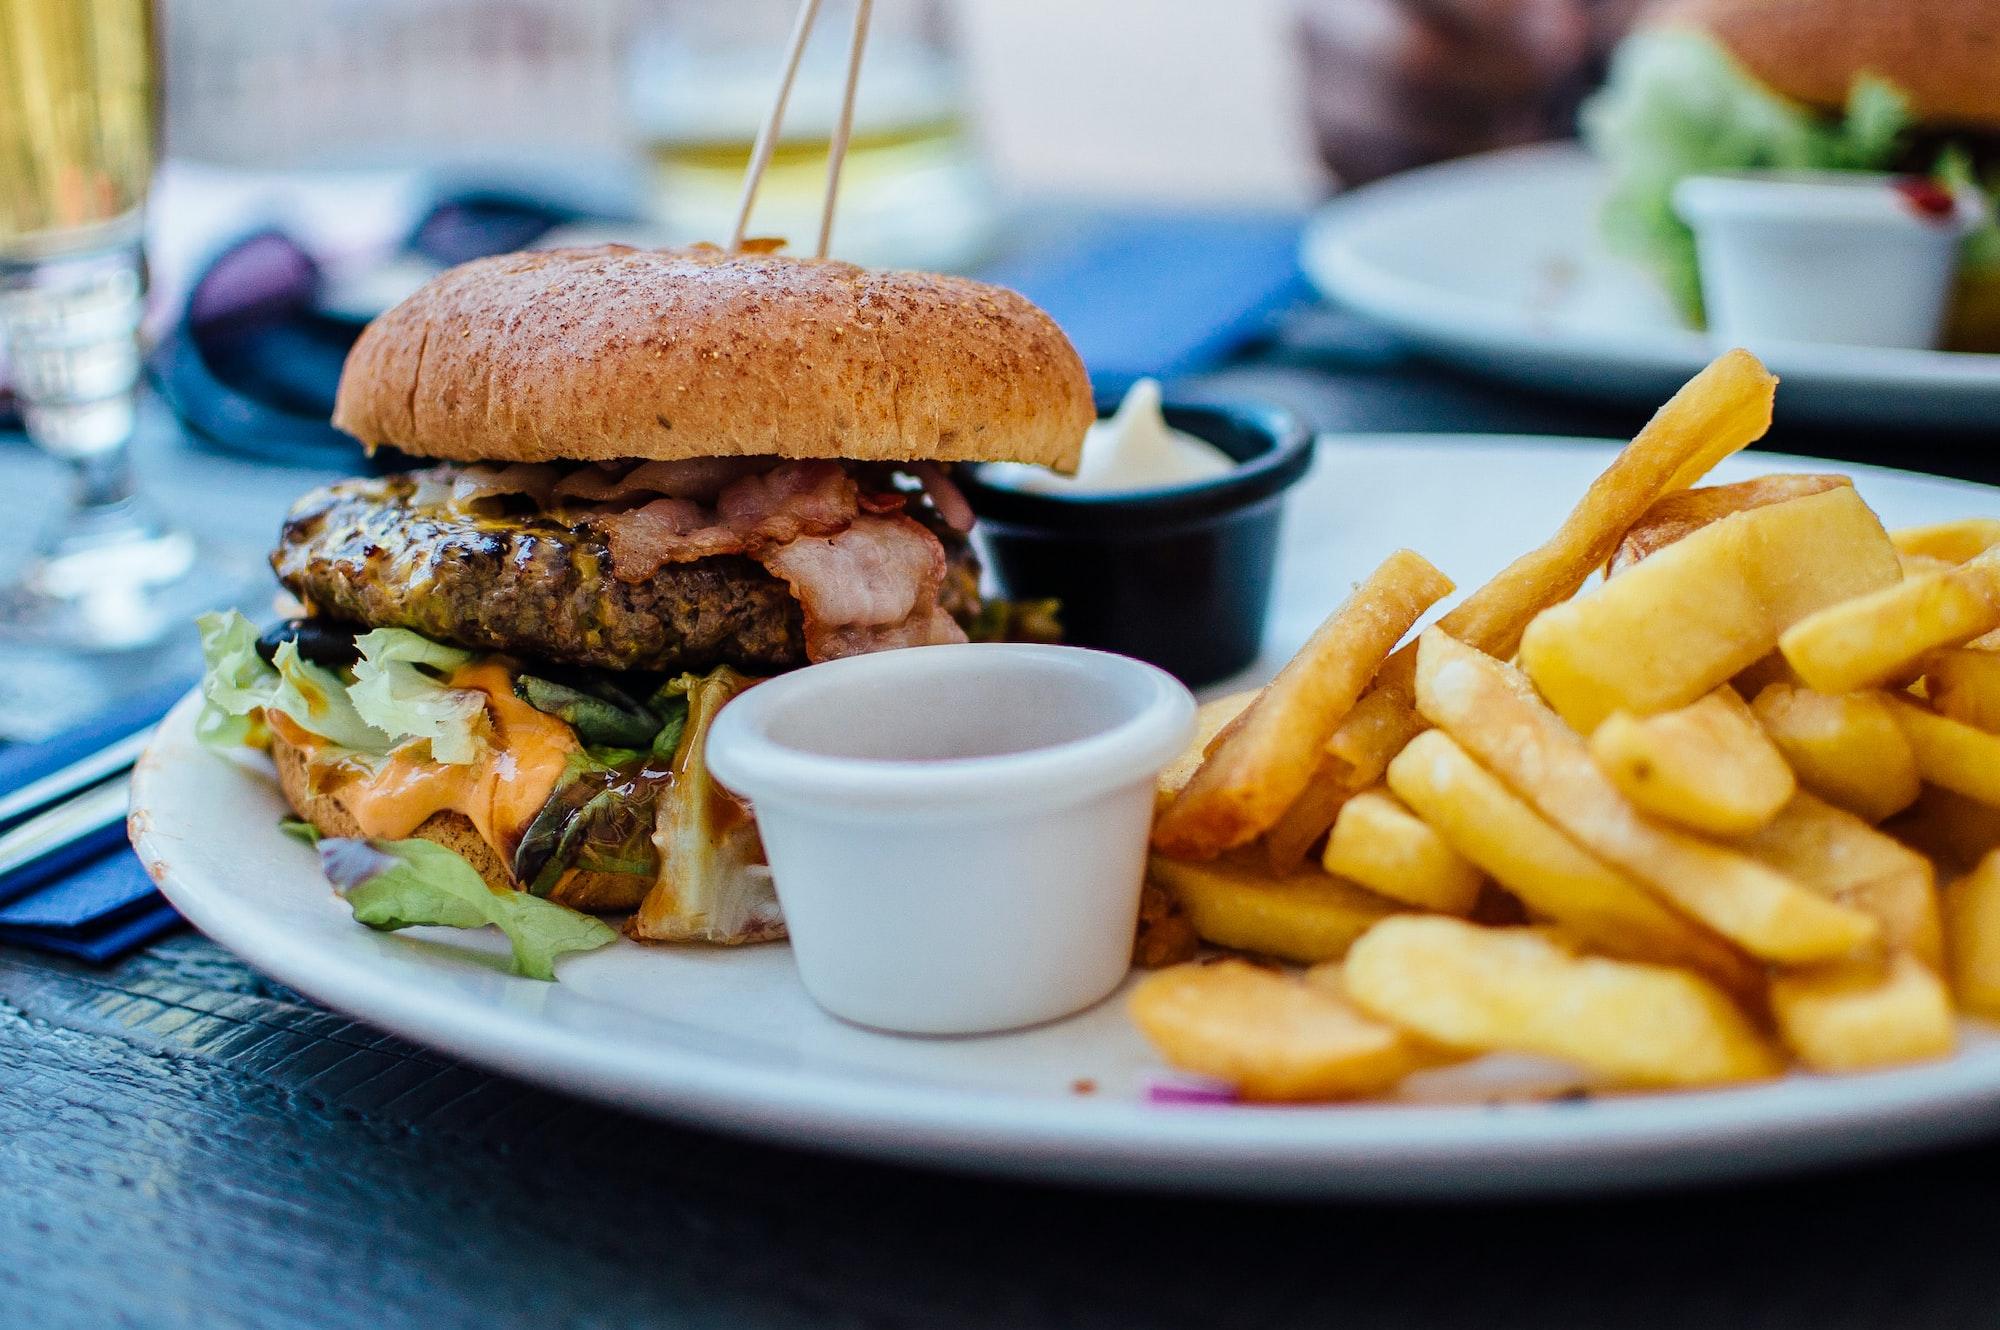 ลดน้ำหนักกิน Junk food ได้ใหม ?